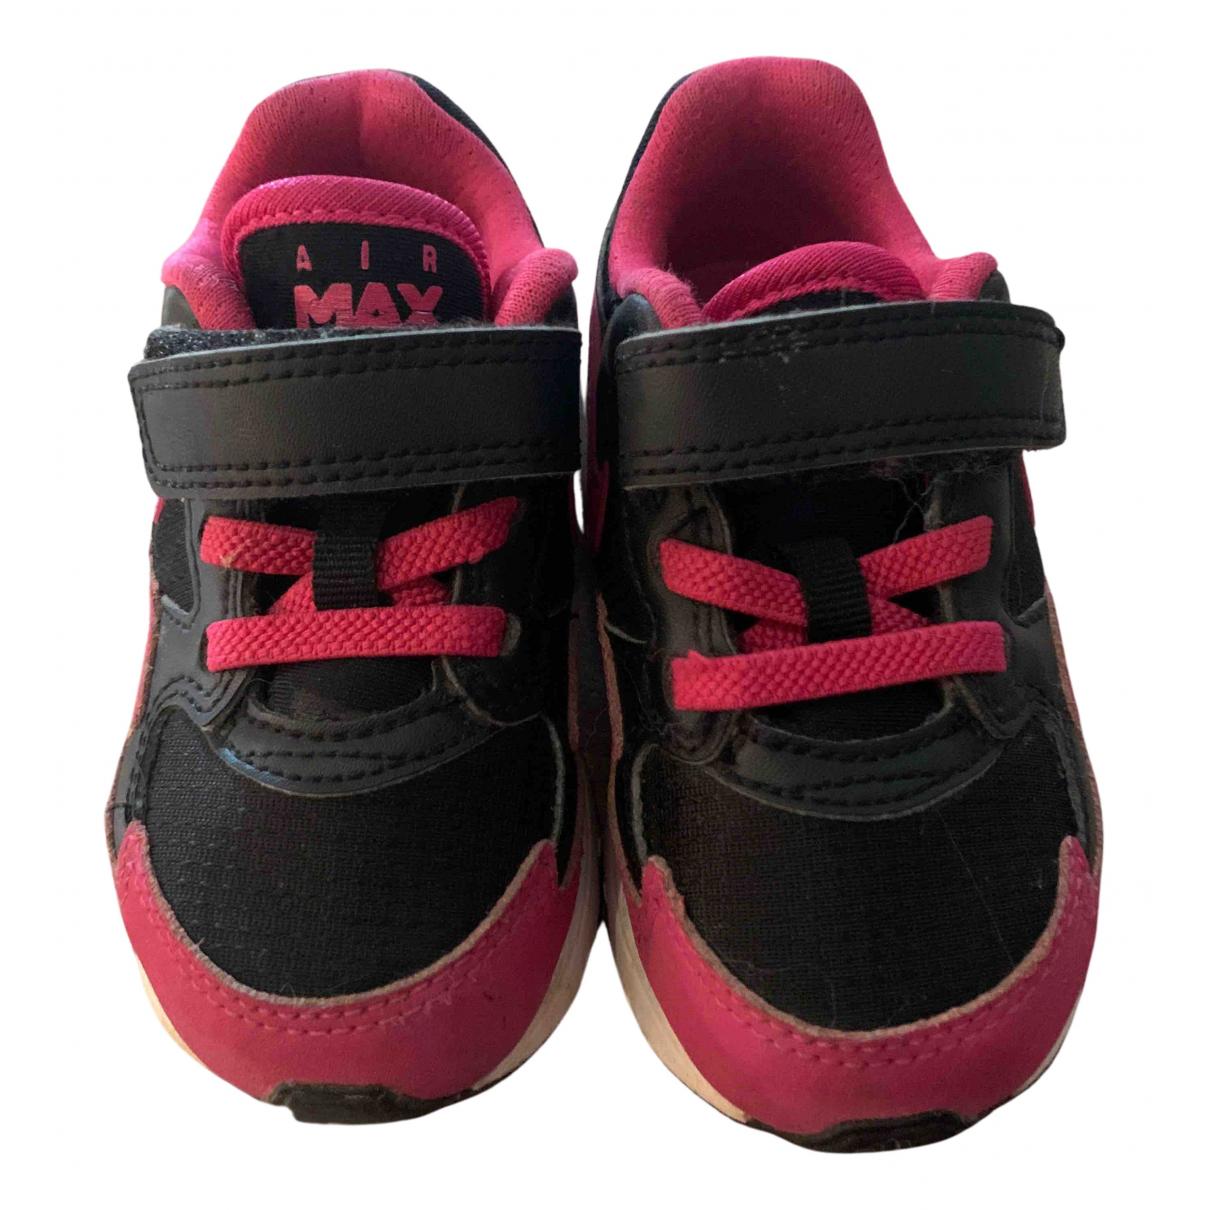 Nike - Baskets Air Max  pour enfant en toile - noir